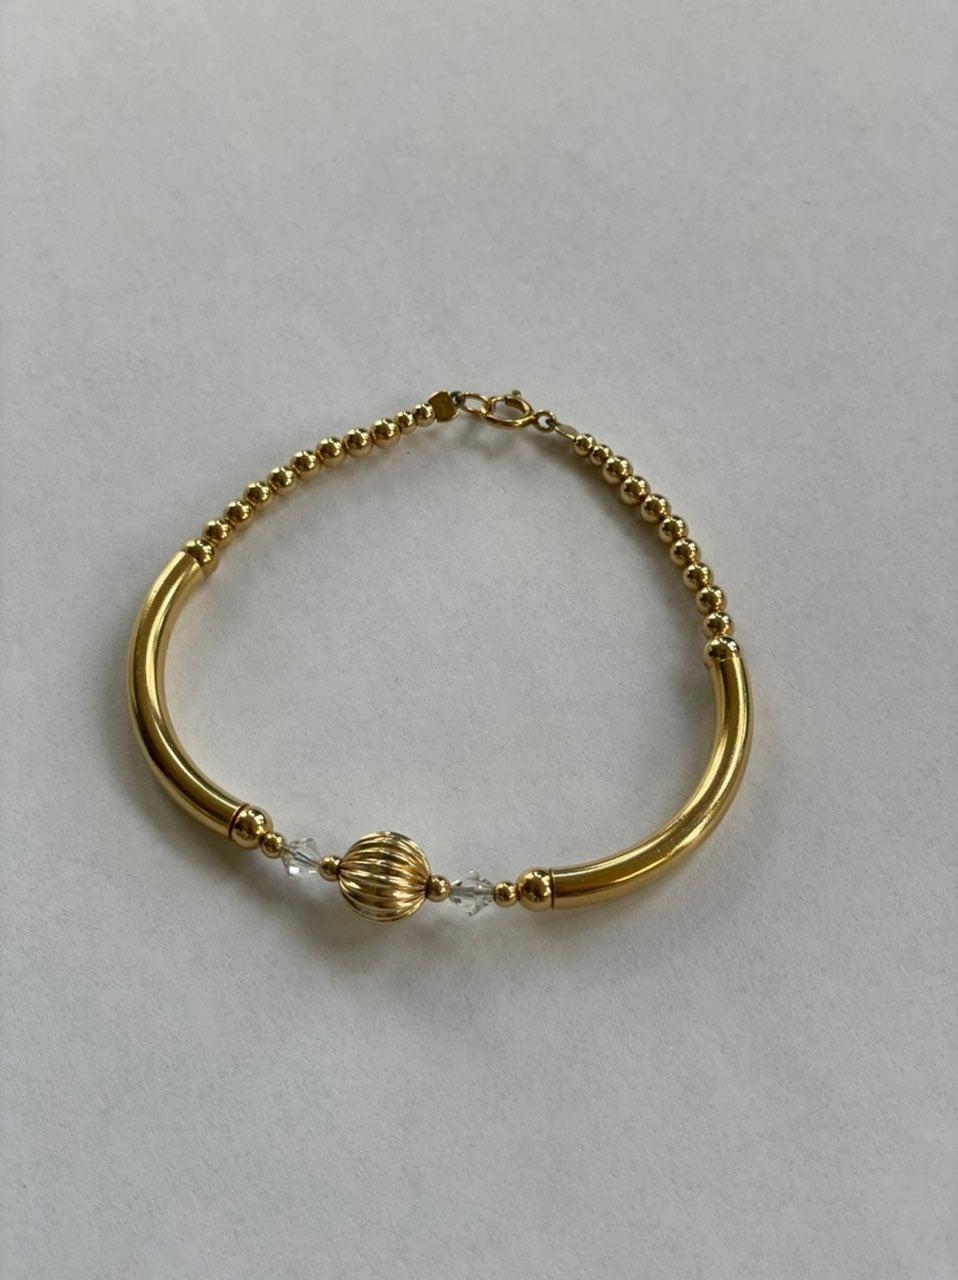 Handmade Gold-Filled Bracelet